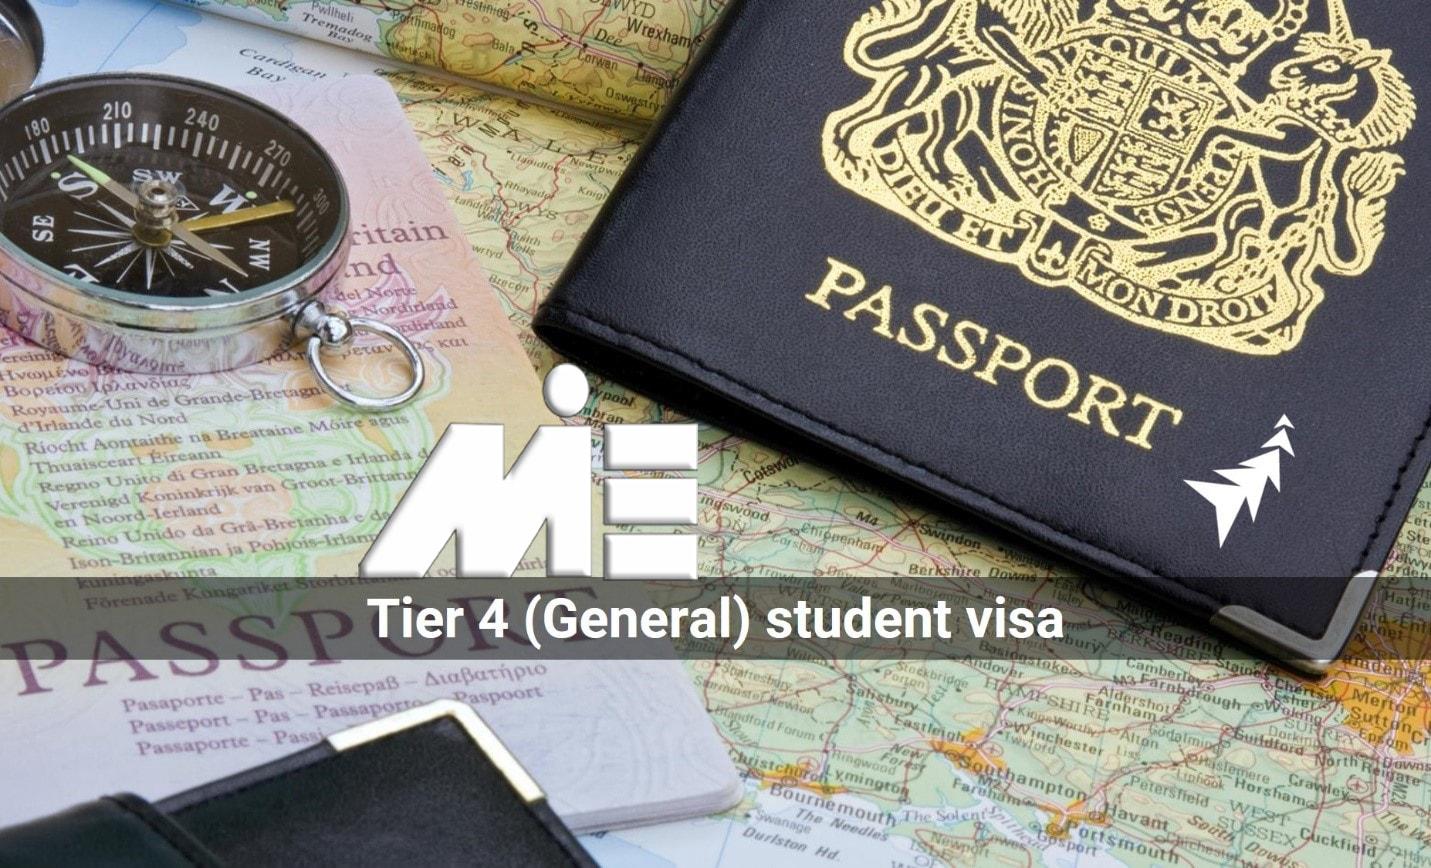 ویزای تحصیلی بریتانیا - تحصیل در انگلستان و اسکاتلند